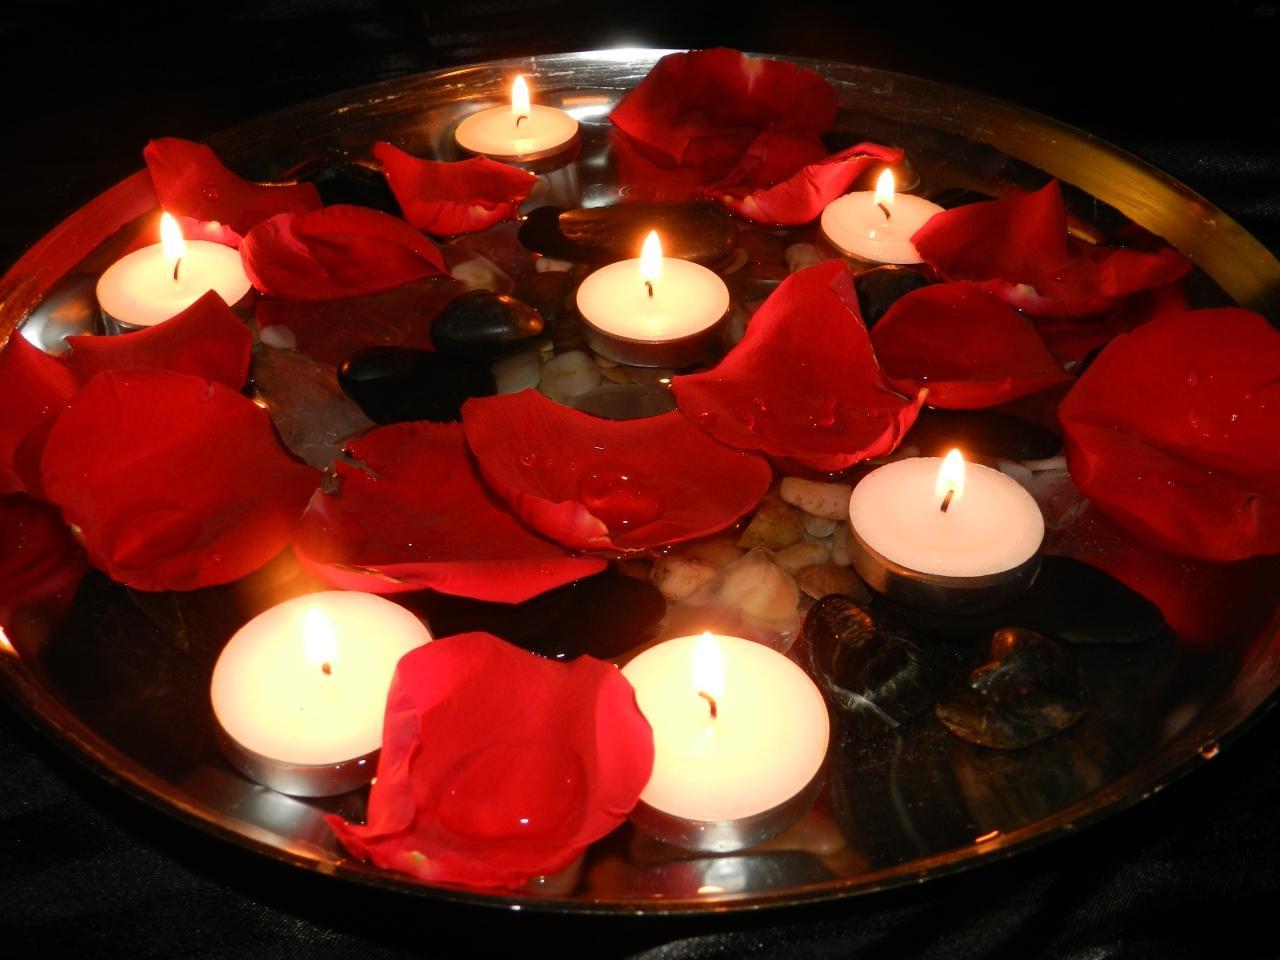 прячет картинки с свечами сердечками ужин для двоих ставить фото актёров